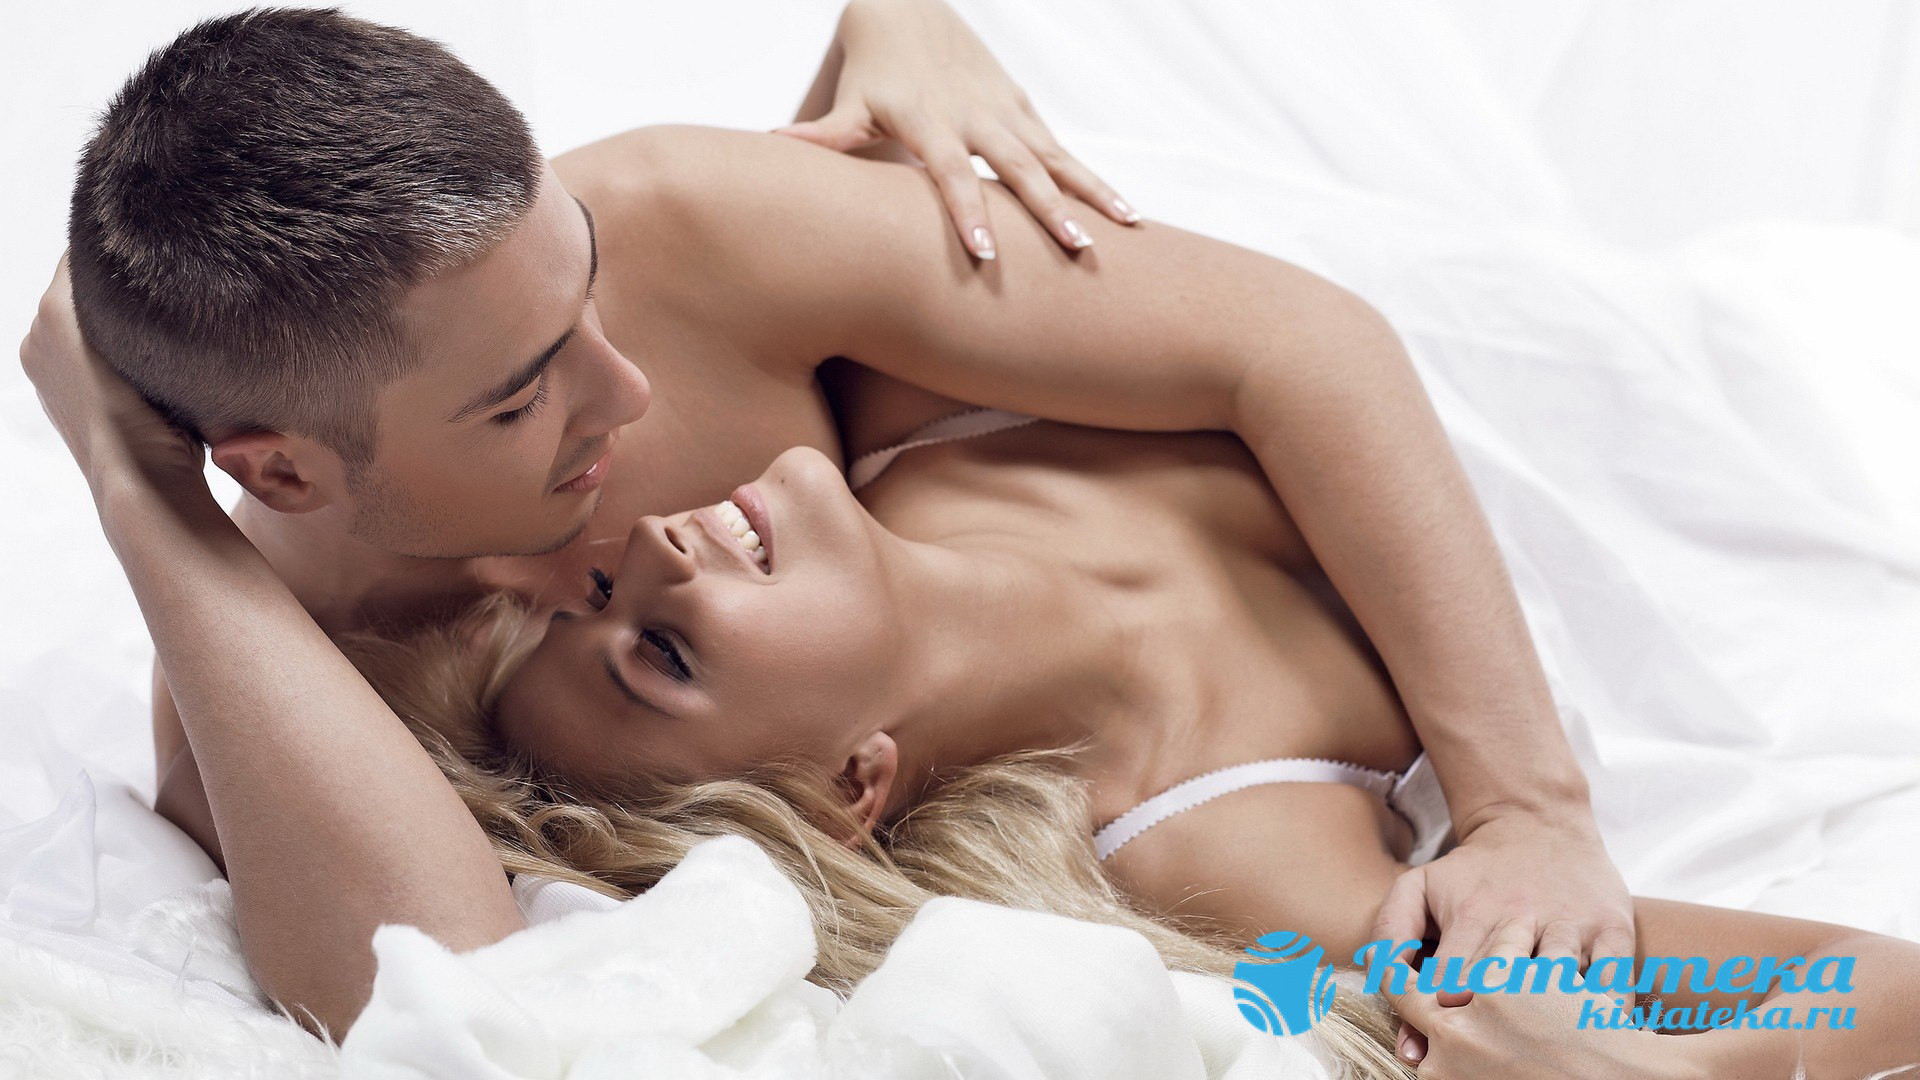 Во время секса включаются все неободимые мышцы